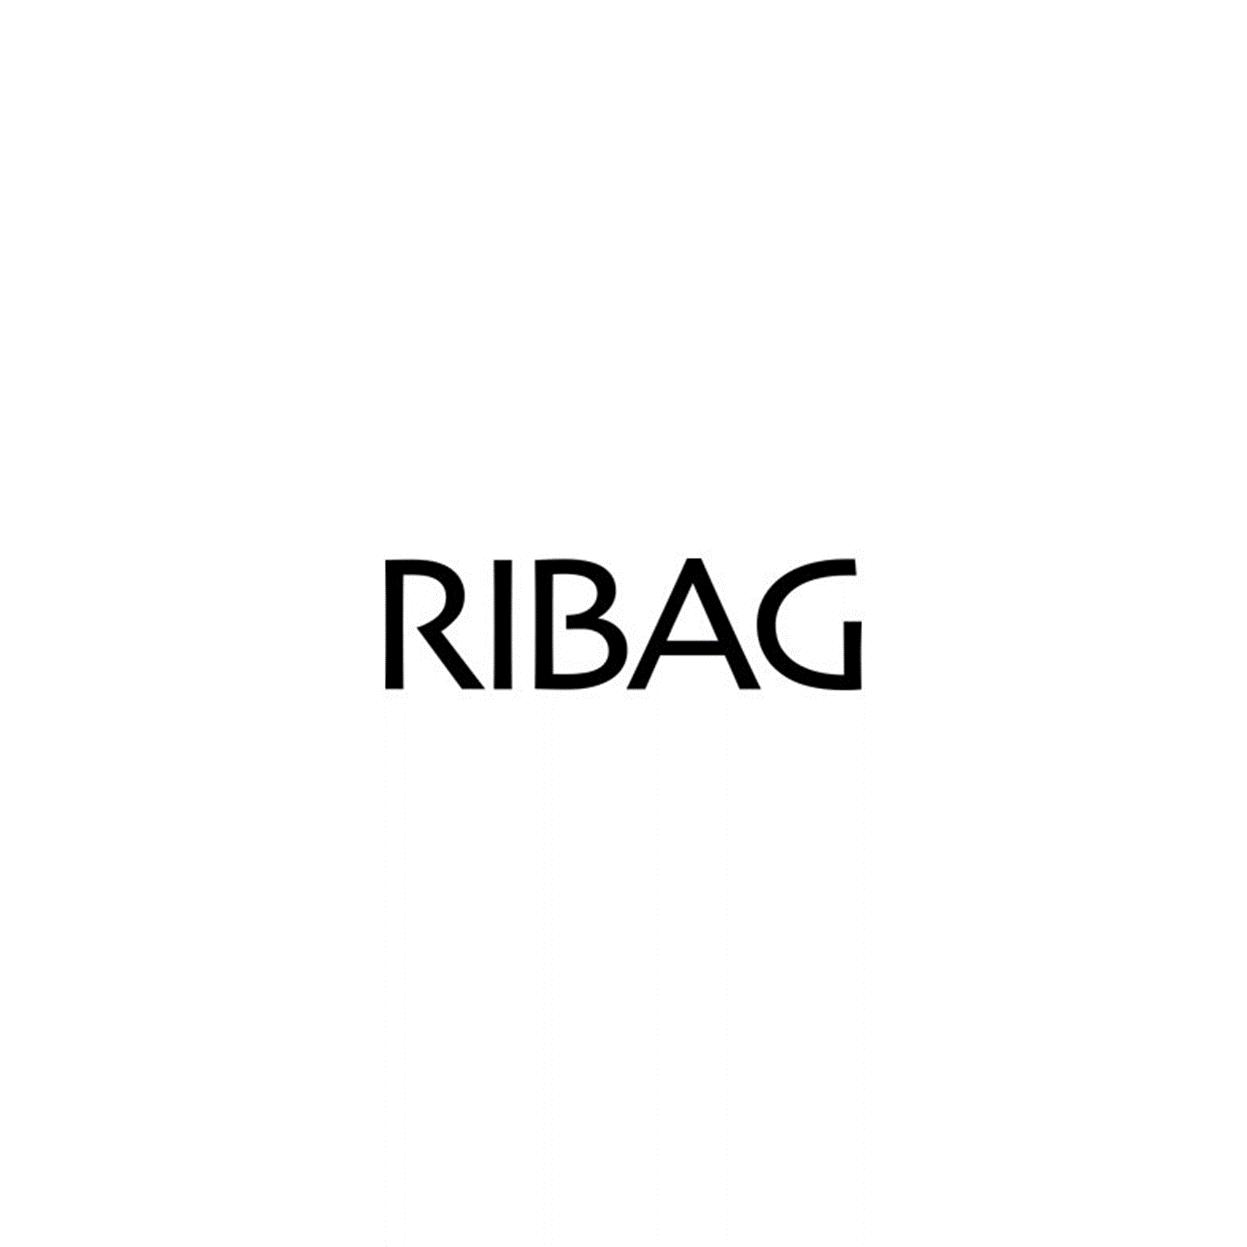 Ribag - Objekte Licht & Raum GmbH in Hamburg